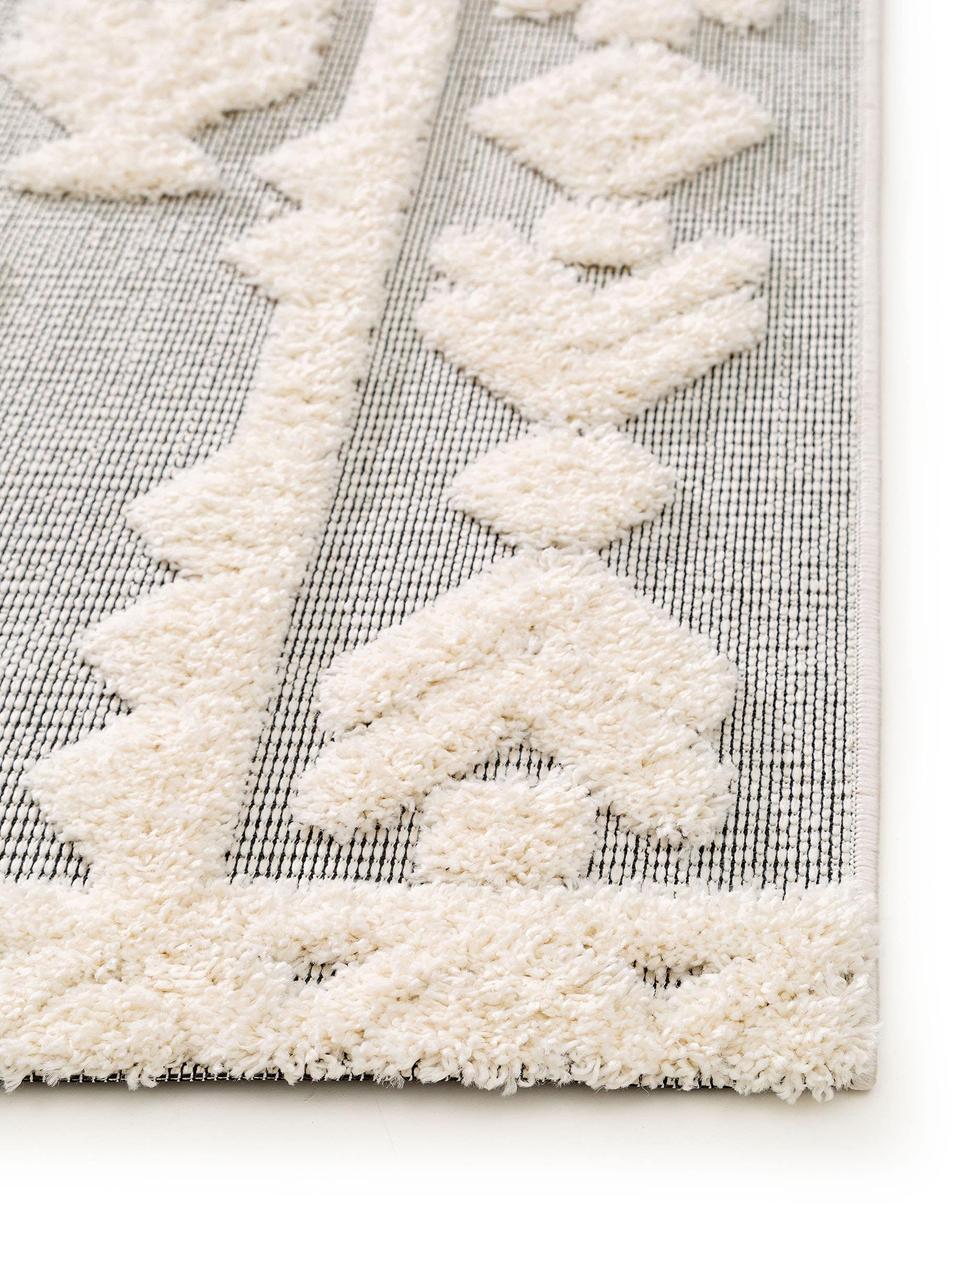 Ethno In- & Outdoor-Teppich Carlo mit Hoch-Tief-Struktur, 100% Polyethylen, Grau, Creme, B 120 x L 170 cm (Größe S)